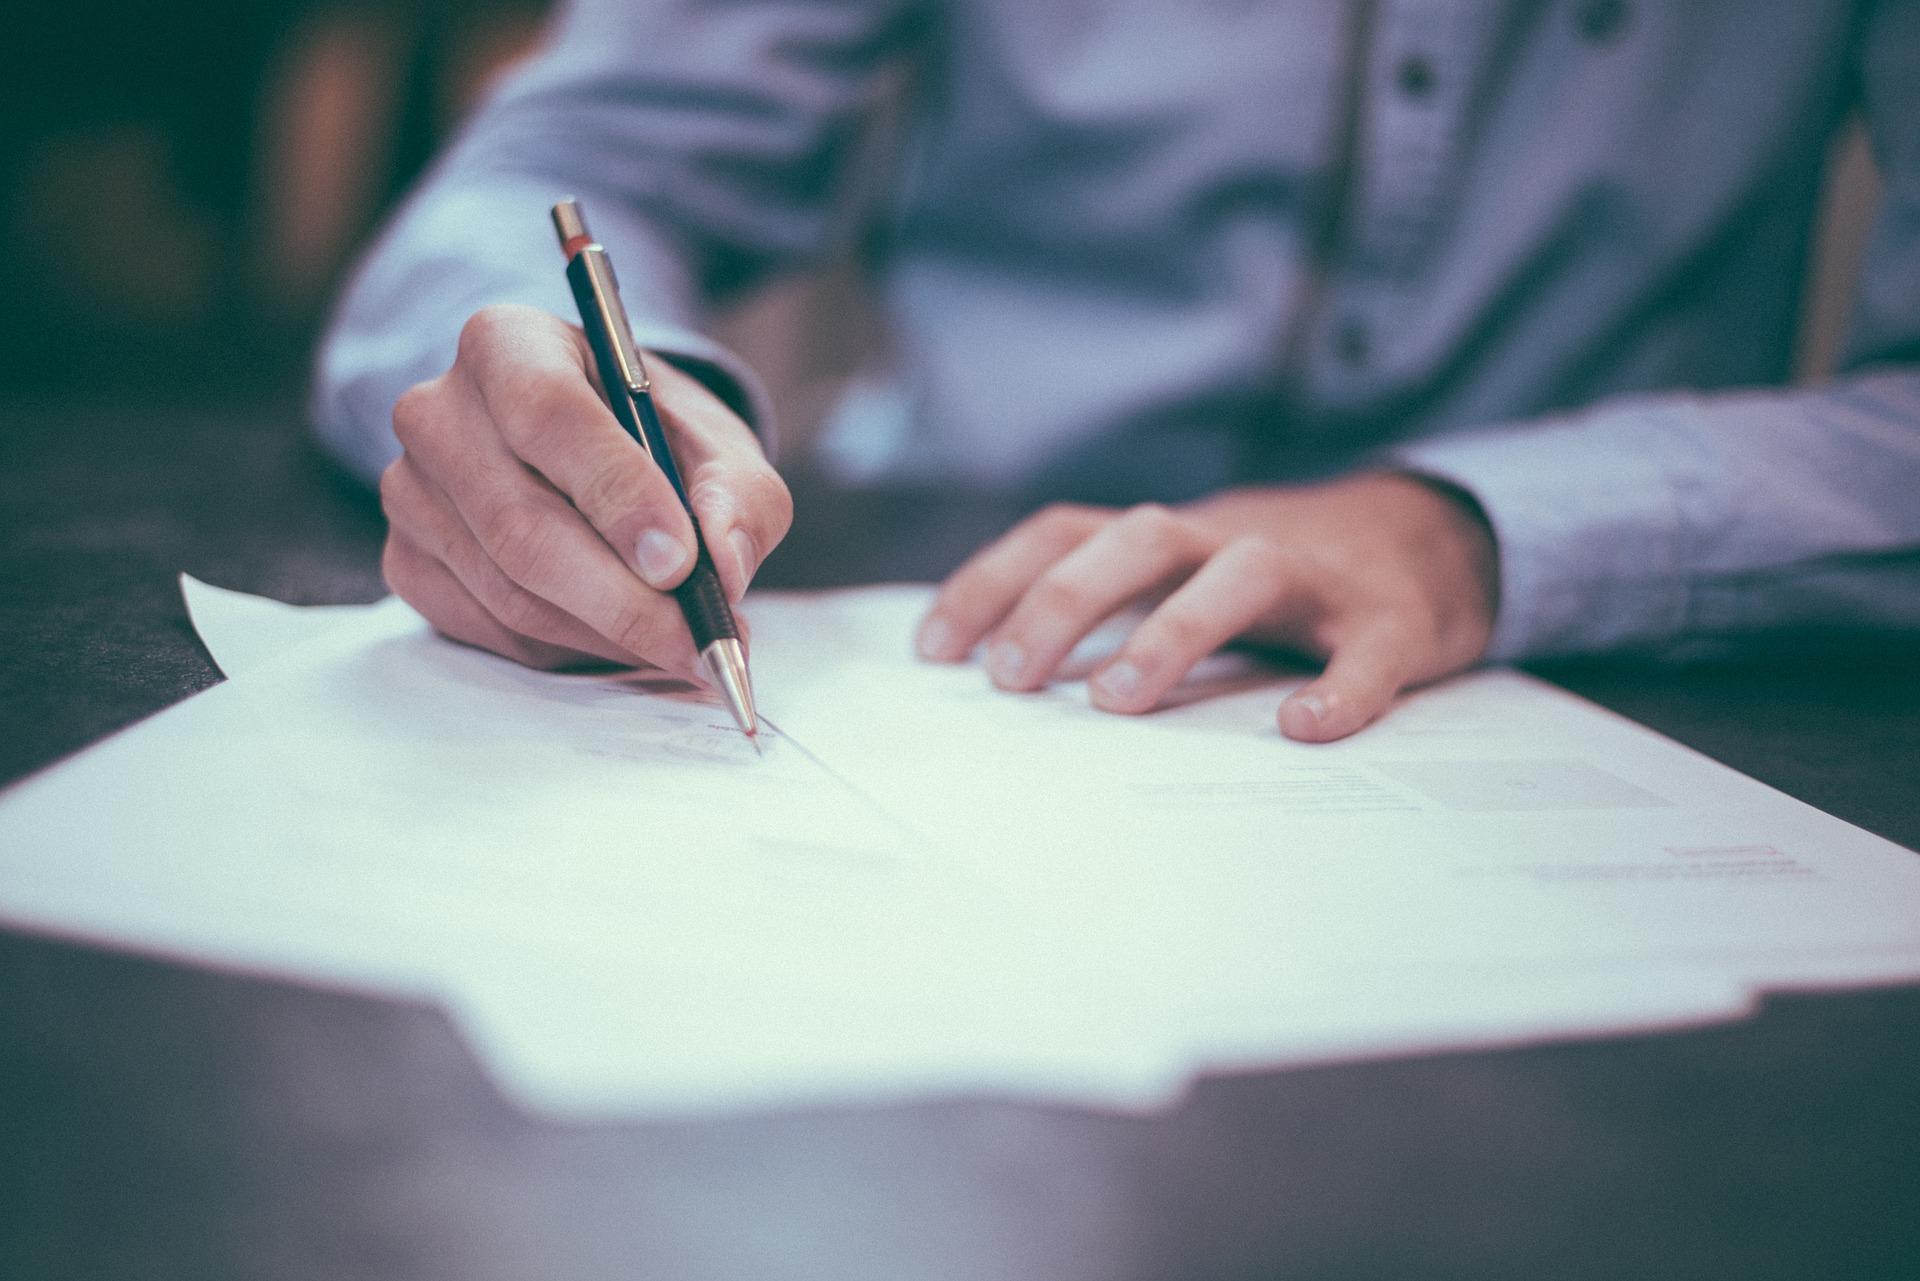 9 respuestas al desarrollo de modelos de prevención de delitos -compliance penal- bajo la norma ISO 19601